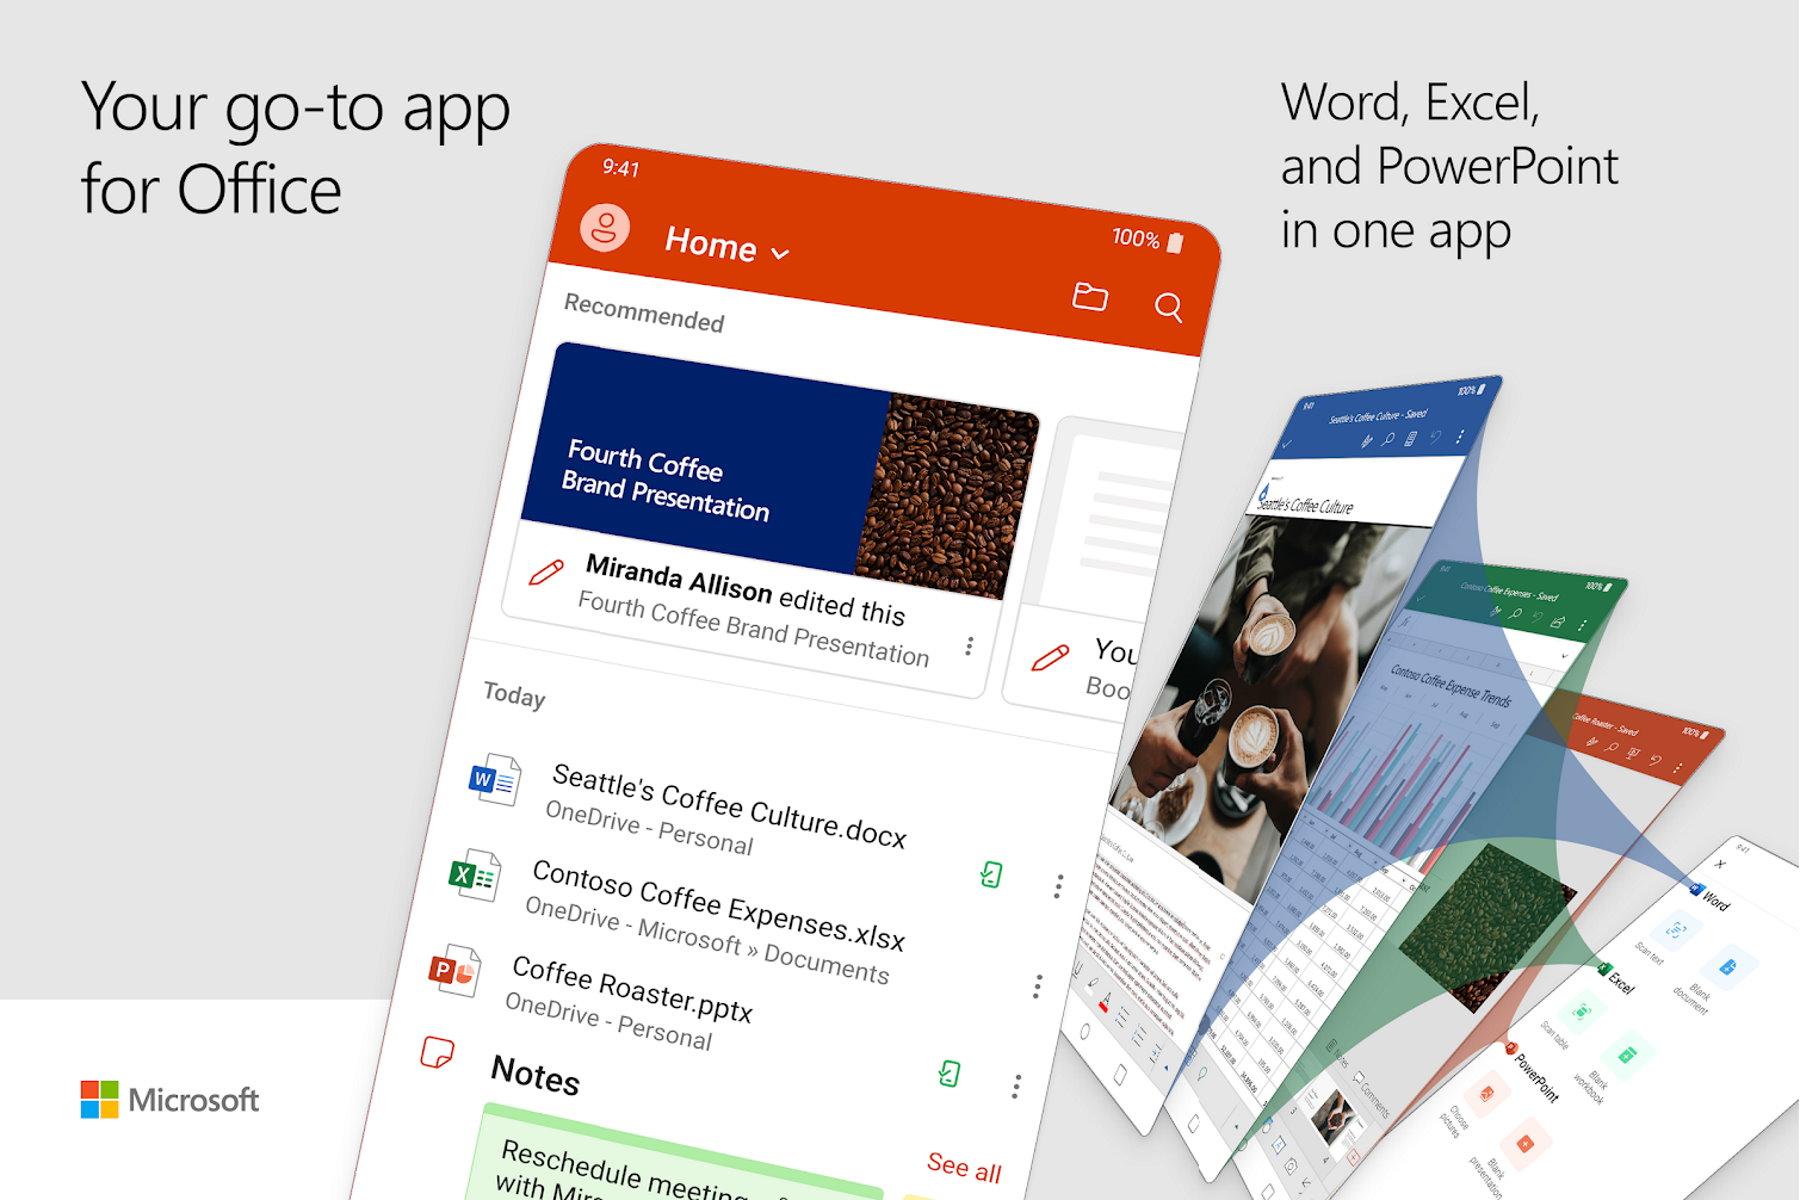 Microsoft lance une nouvelle application sur Android : Word, Excel et PowerPoint en une seule app